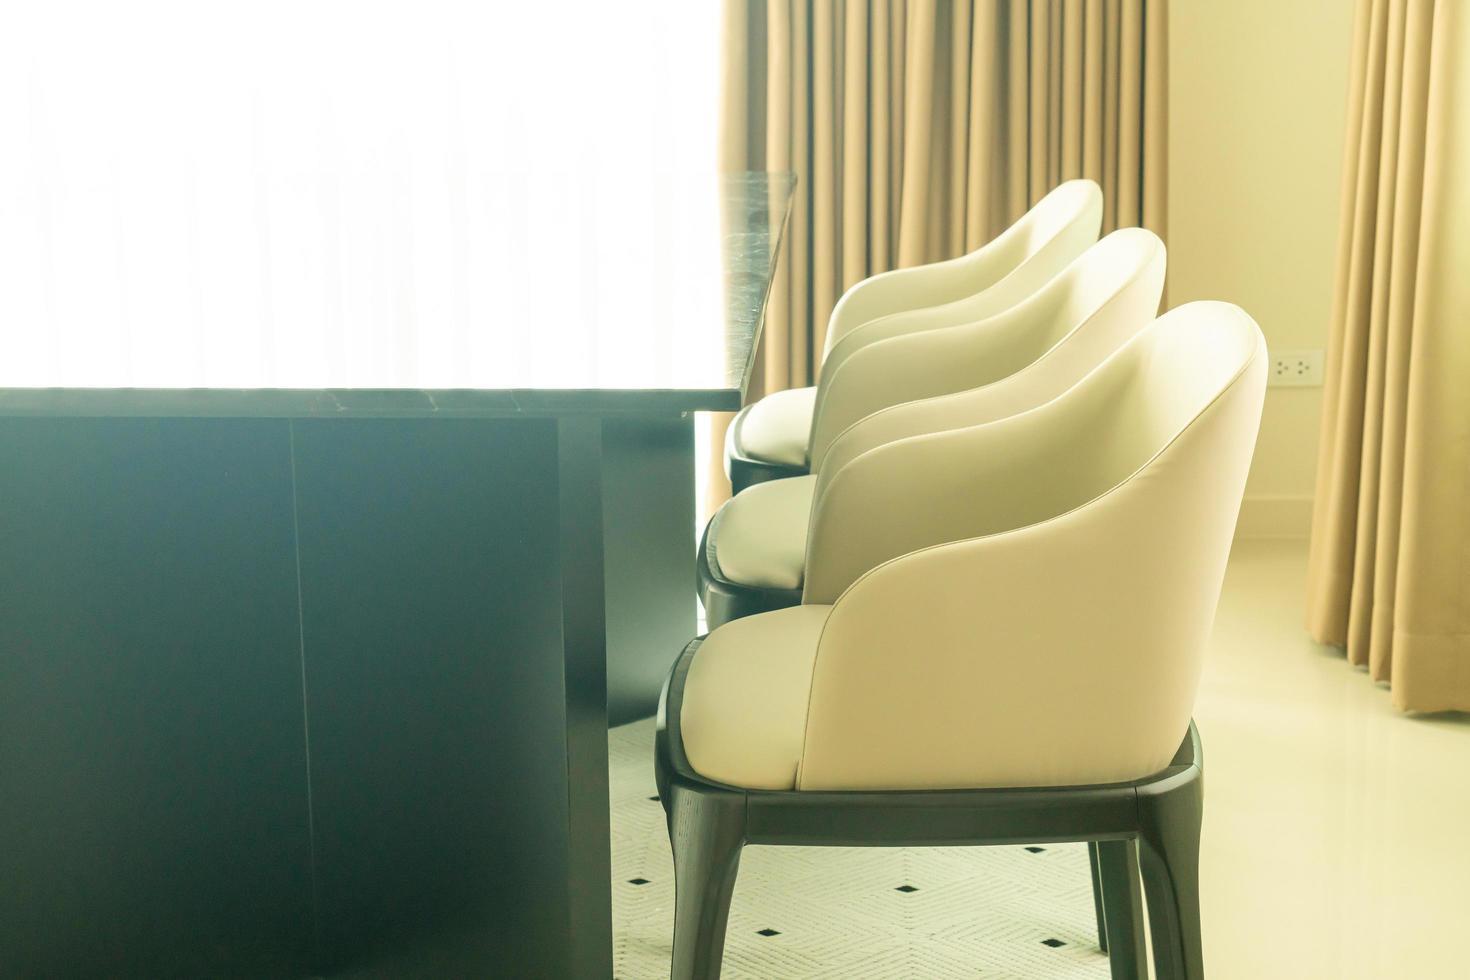 tavolo da pranzo vuoto e decorazione della sedia a casa foto